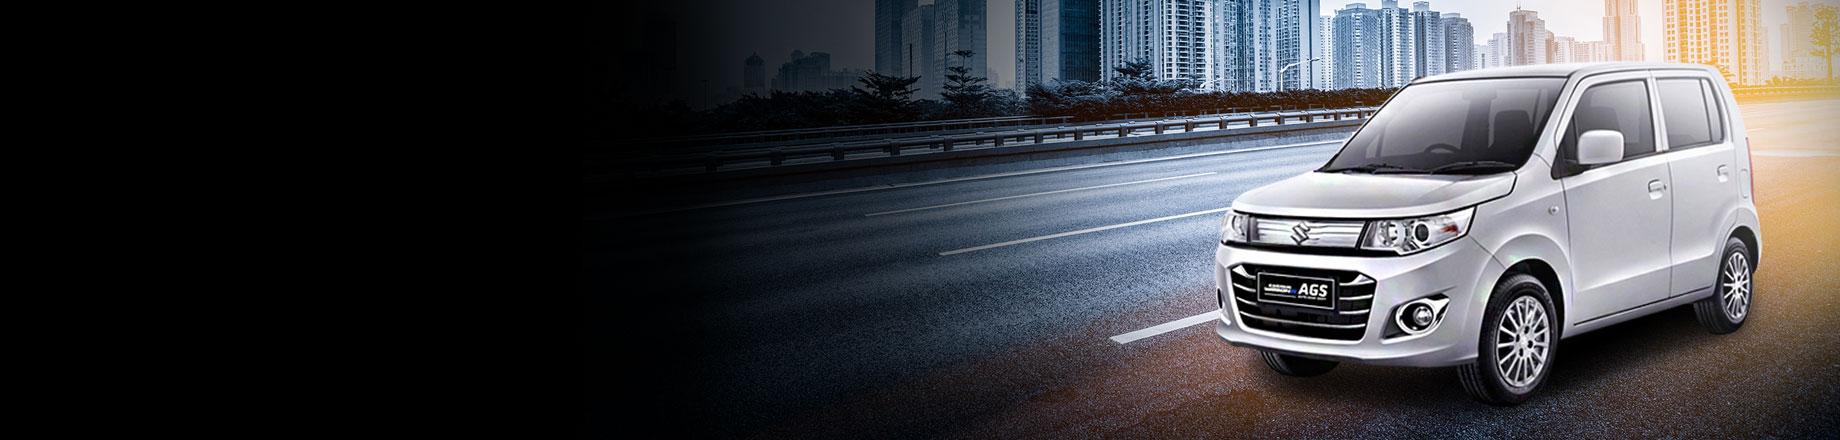 Harga Dan Spesifikasi Mobil Karimun Wagon R GS Solo